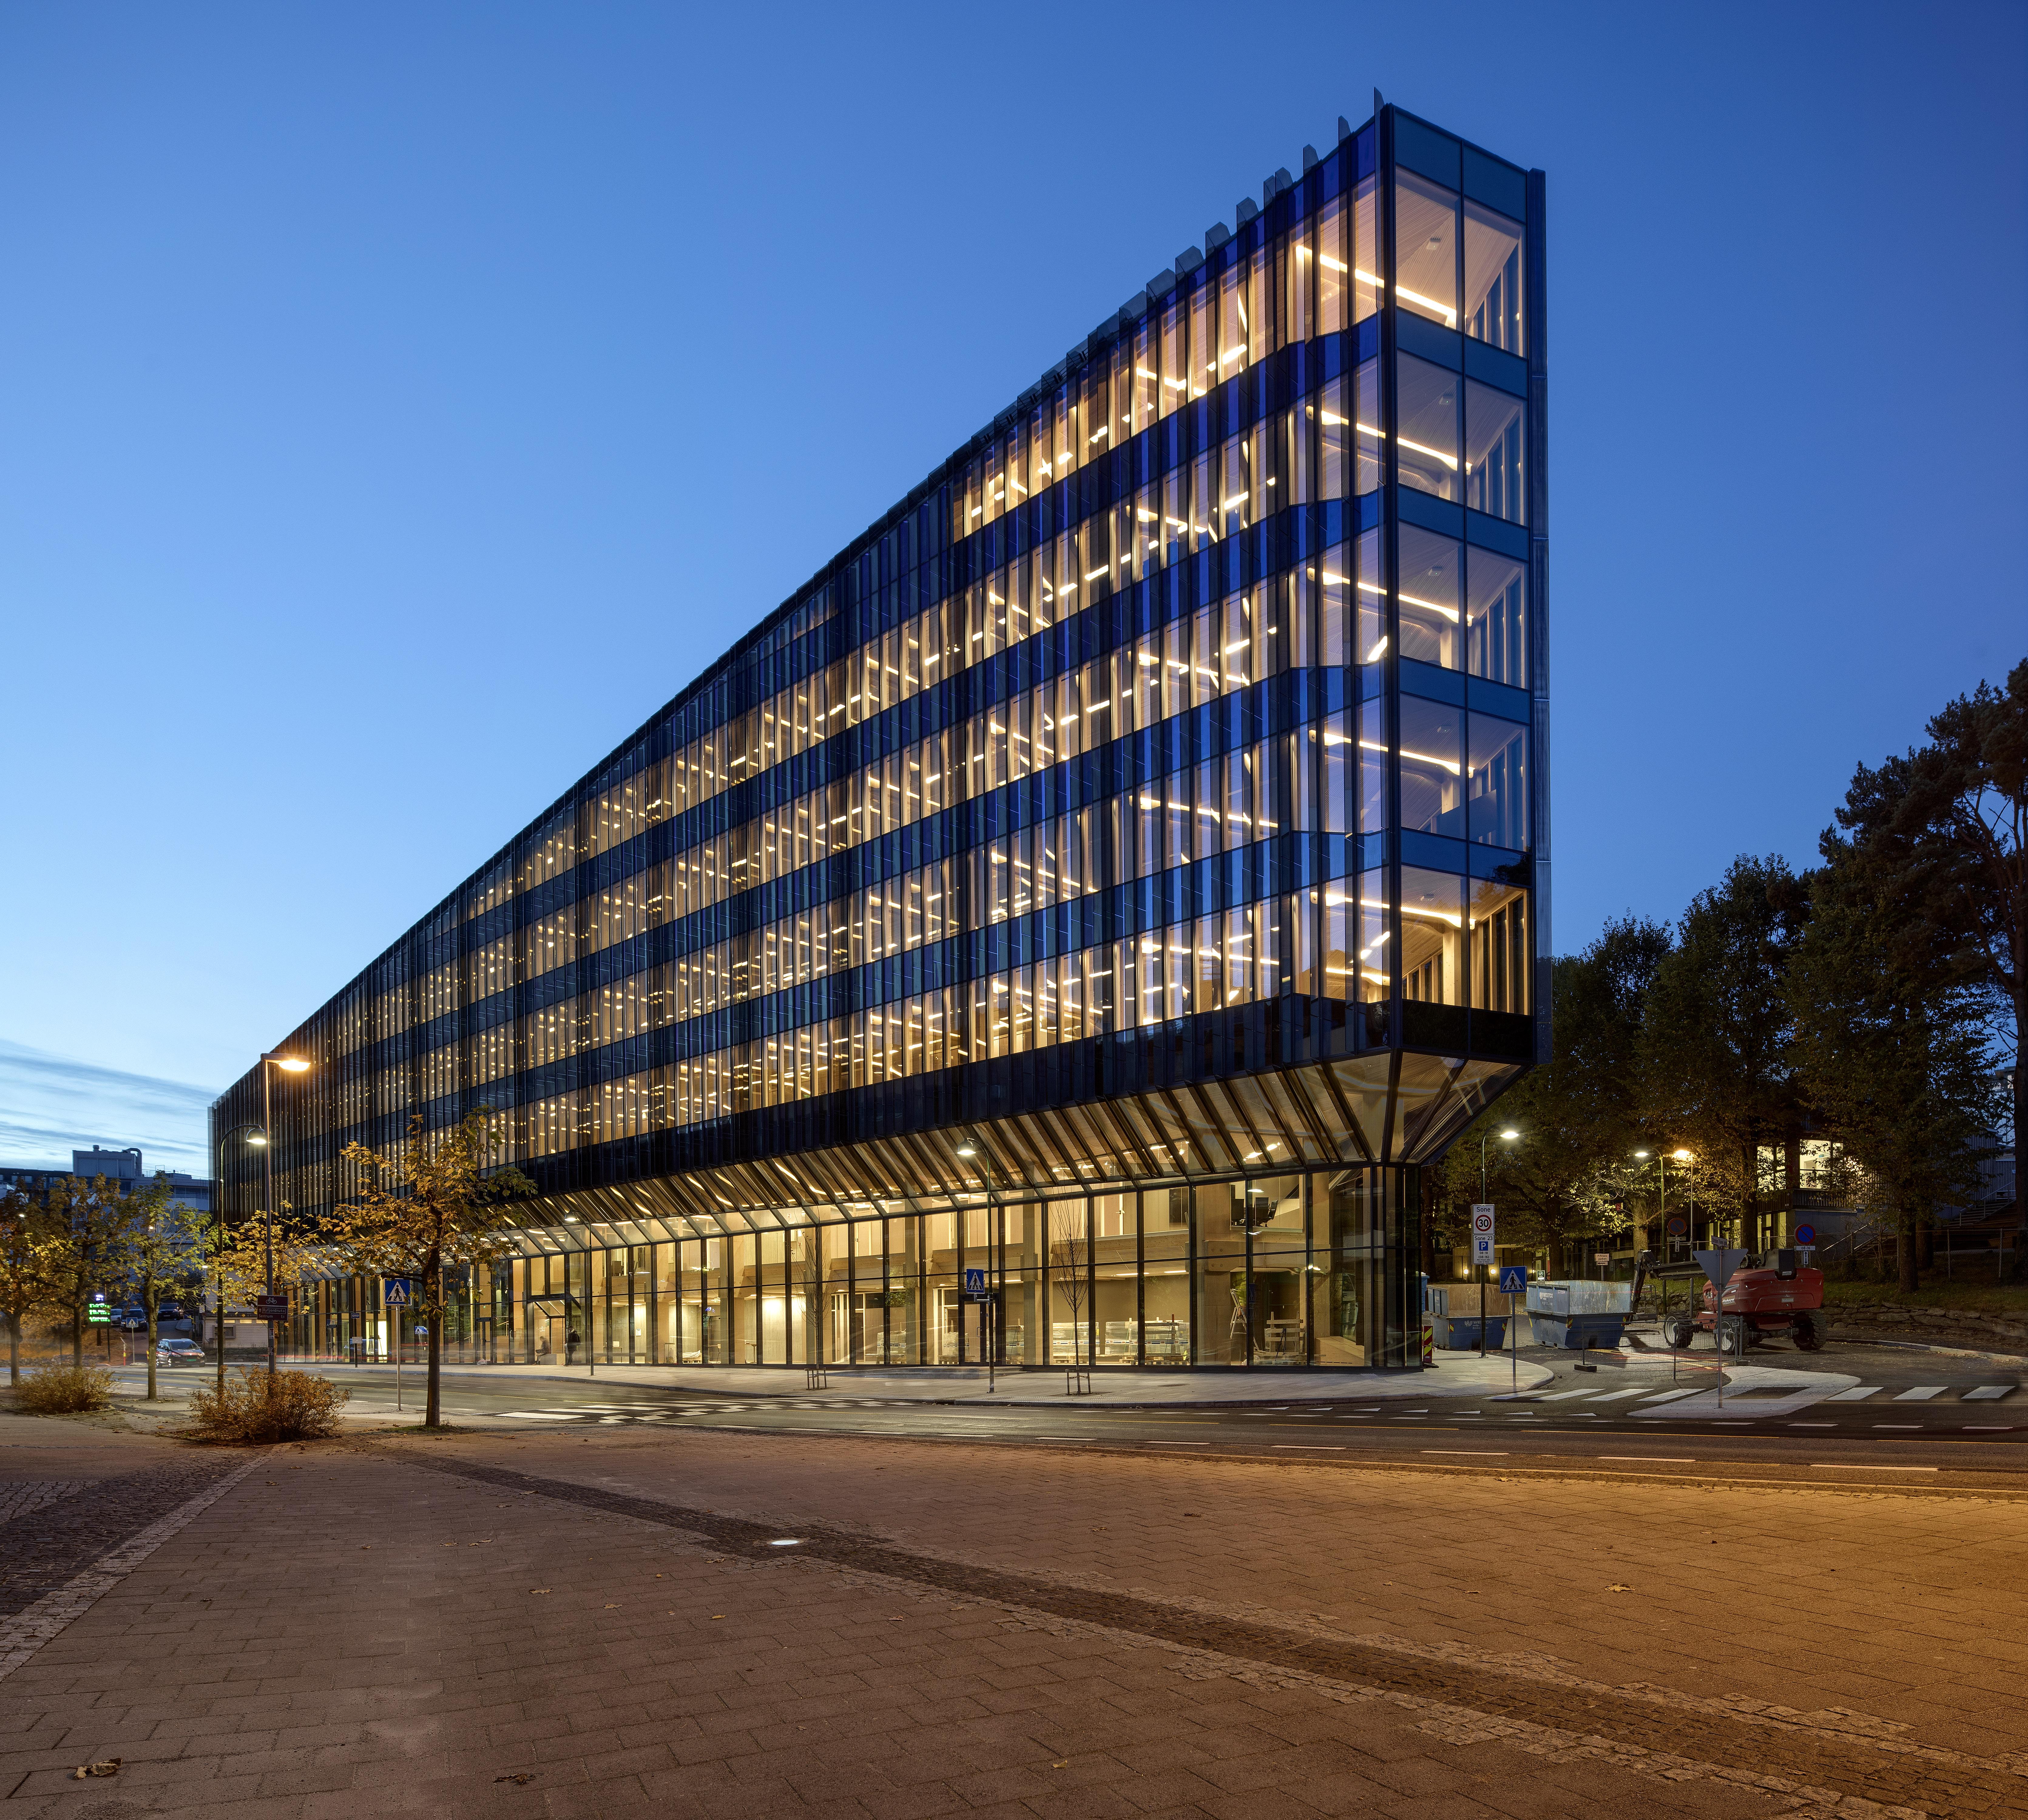 glassfasader Finansparken i Stavanger